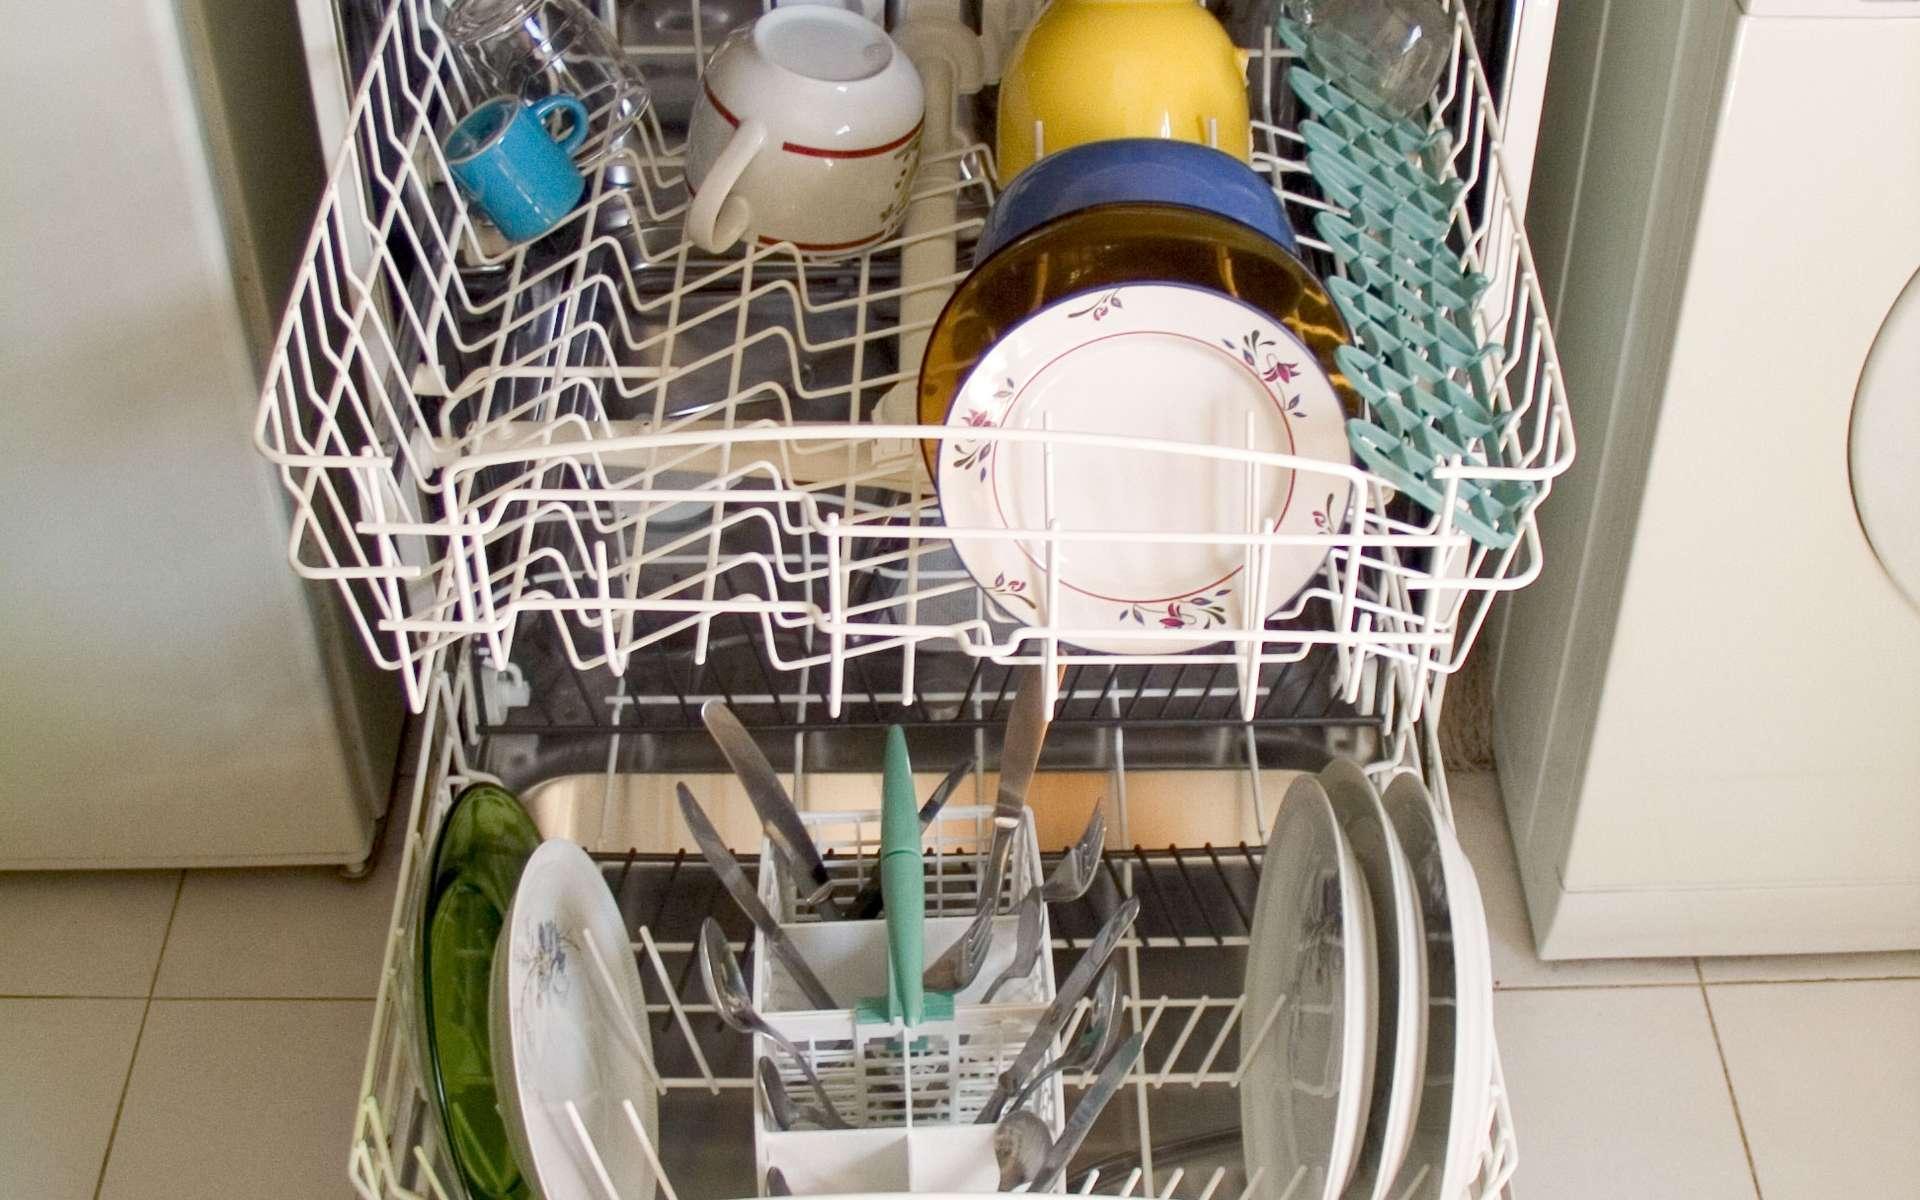 Le lave-vaisselle consomme seulement 13 litres d'eau contre 18 litres si l'on désire laver la même quantité de vaisselle à la main. © Carlos Paes, CC BY-SA 3.0, Wikimédia Commons